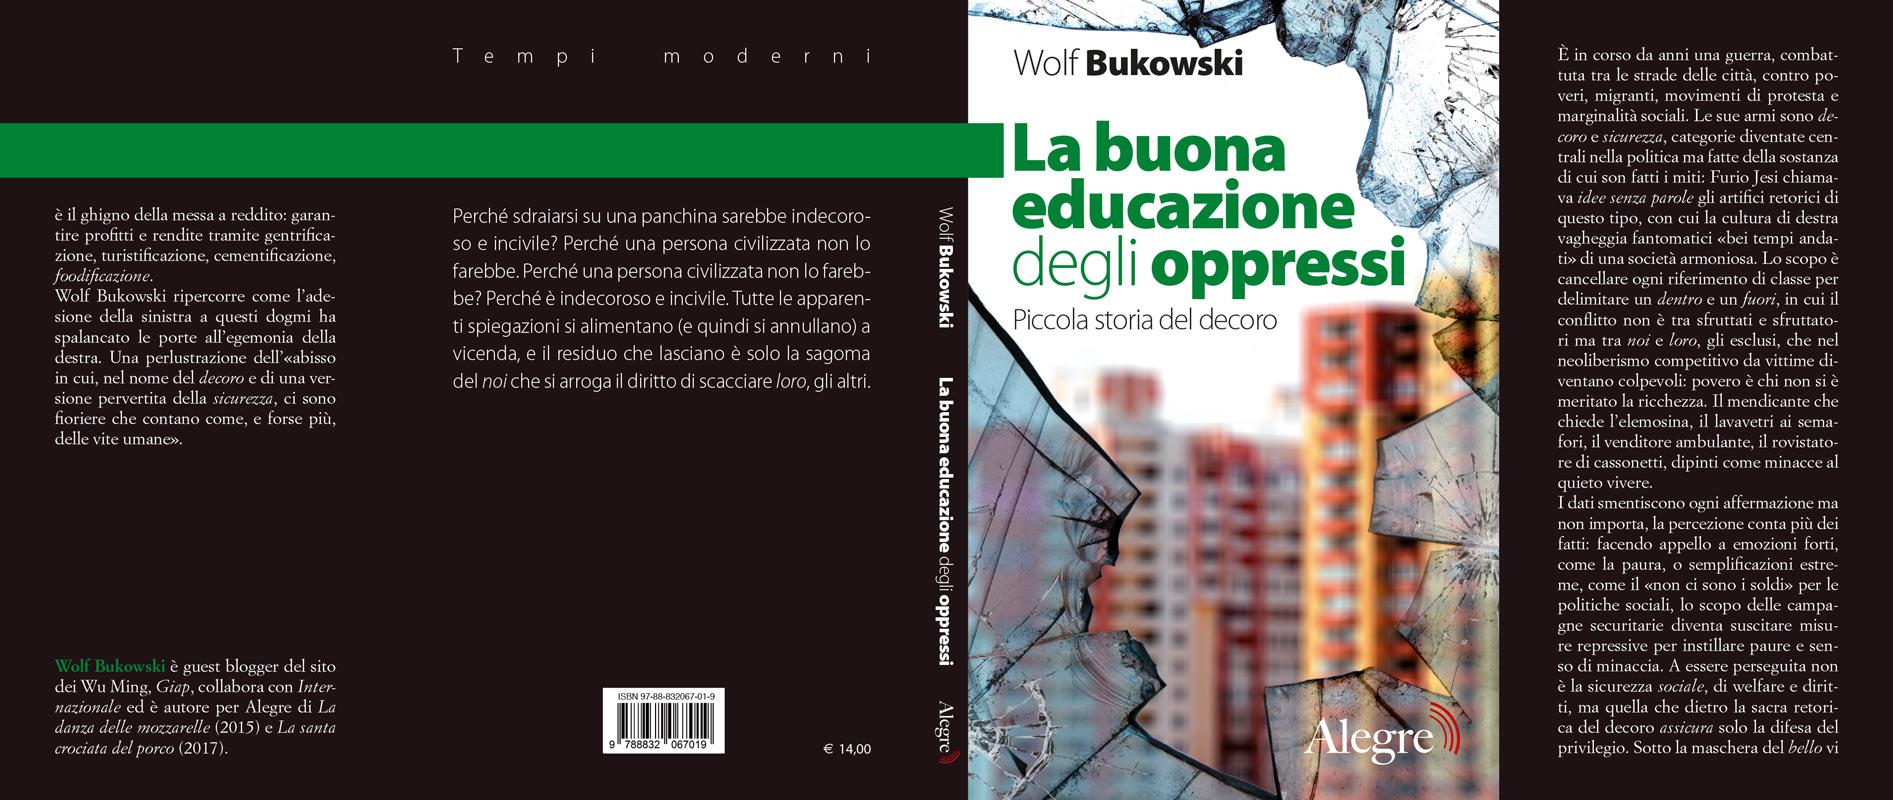 Wolf Bukowski, La buona educazione degli oppressi, stesa